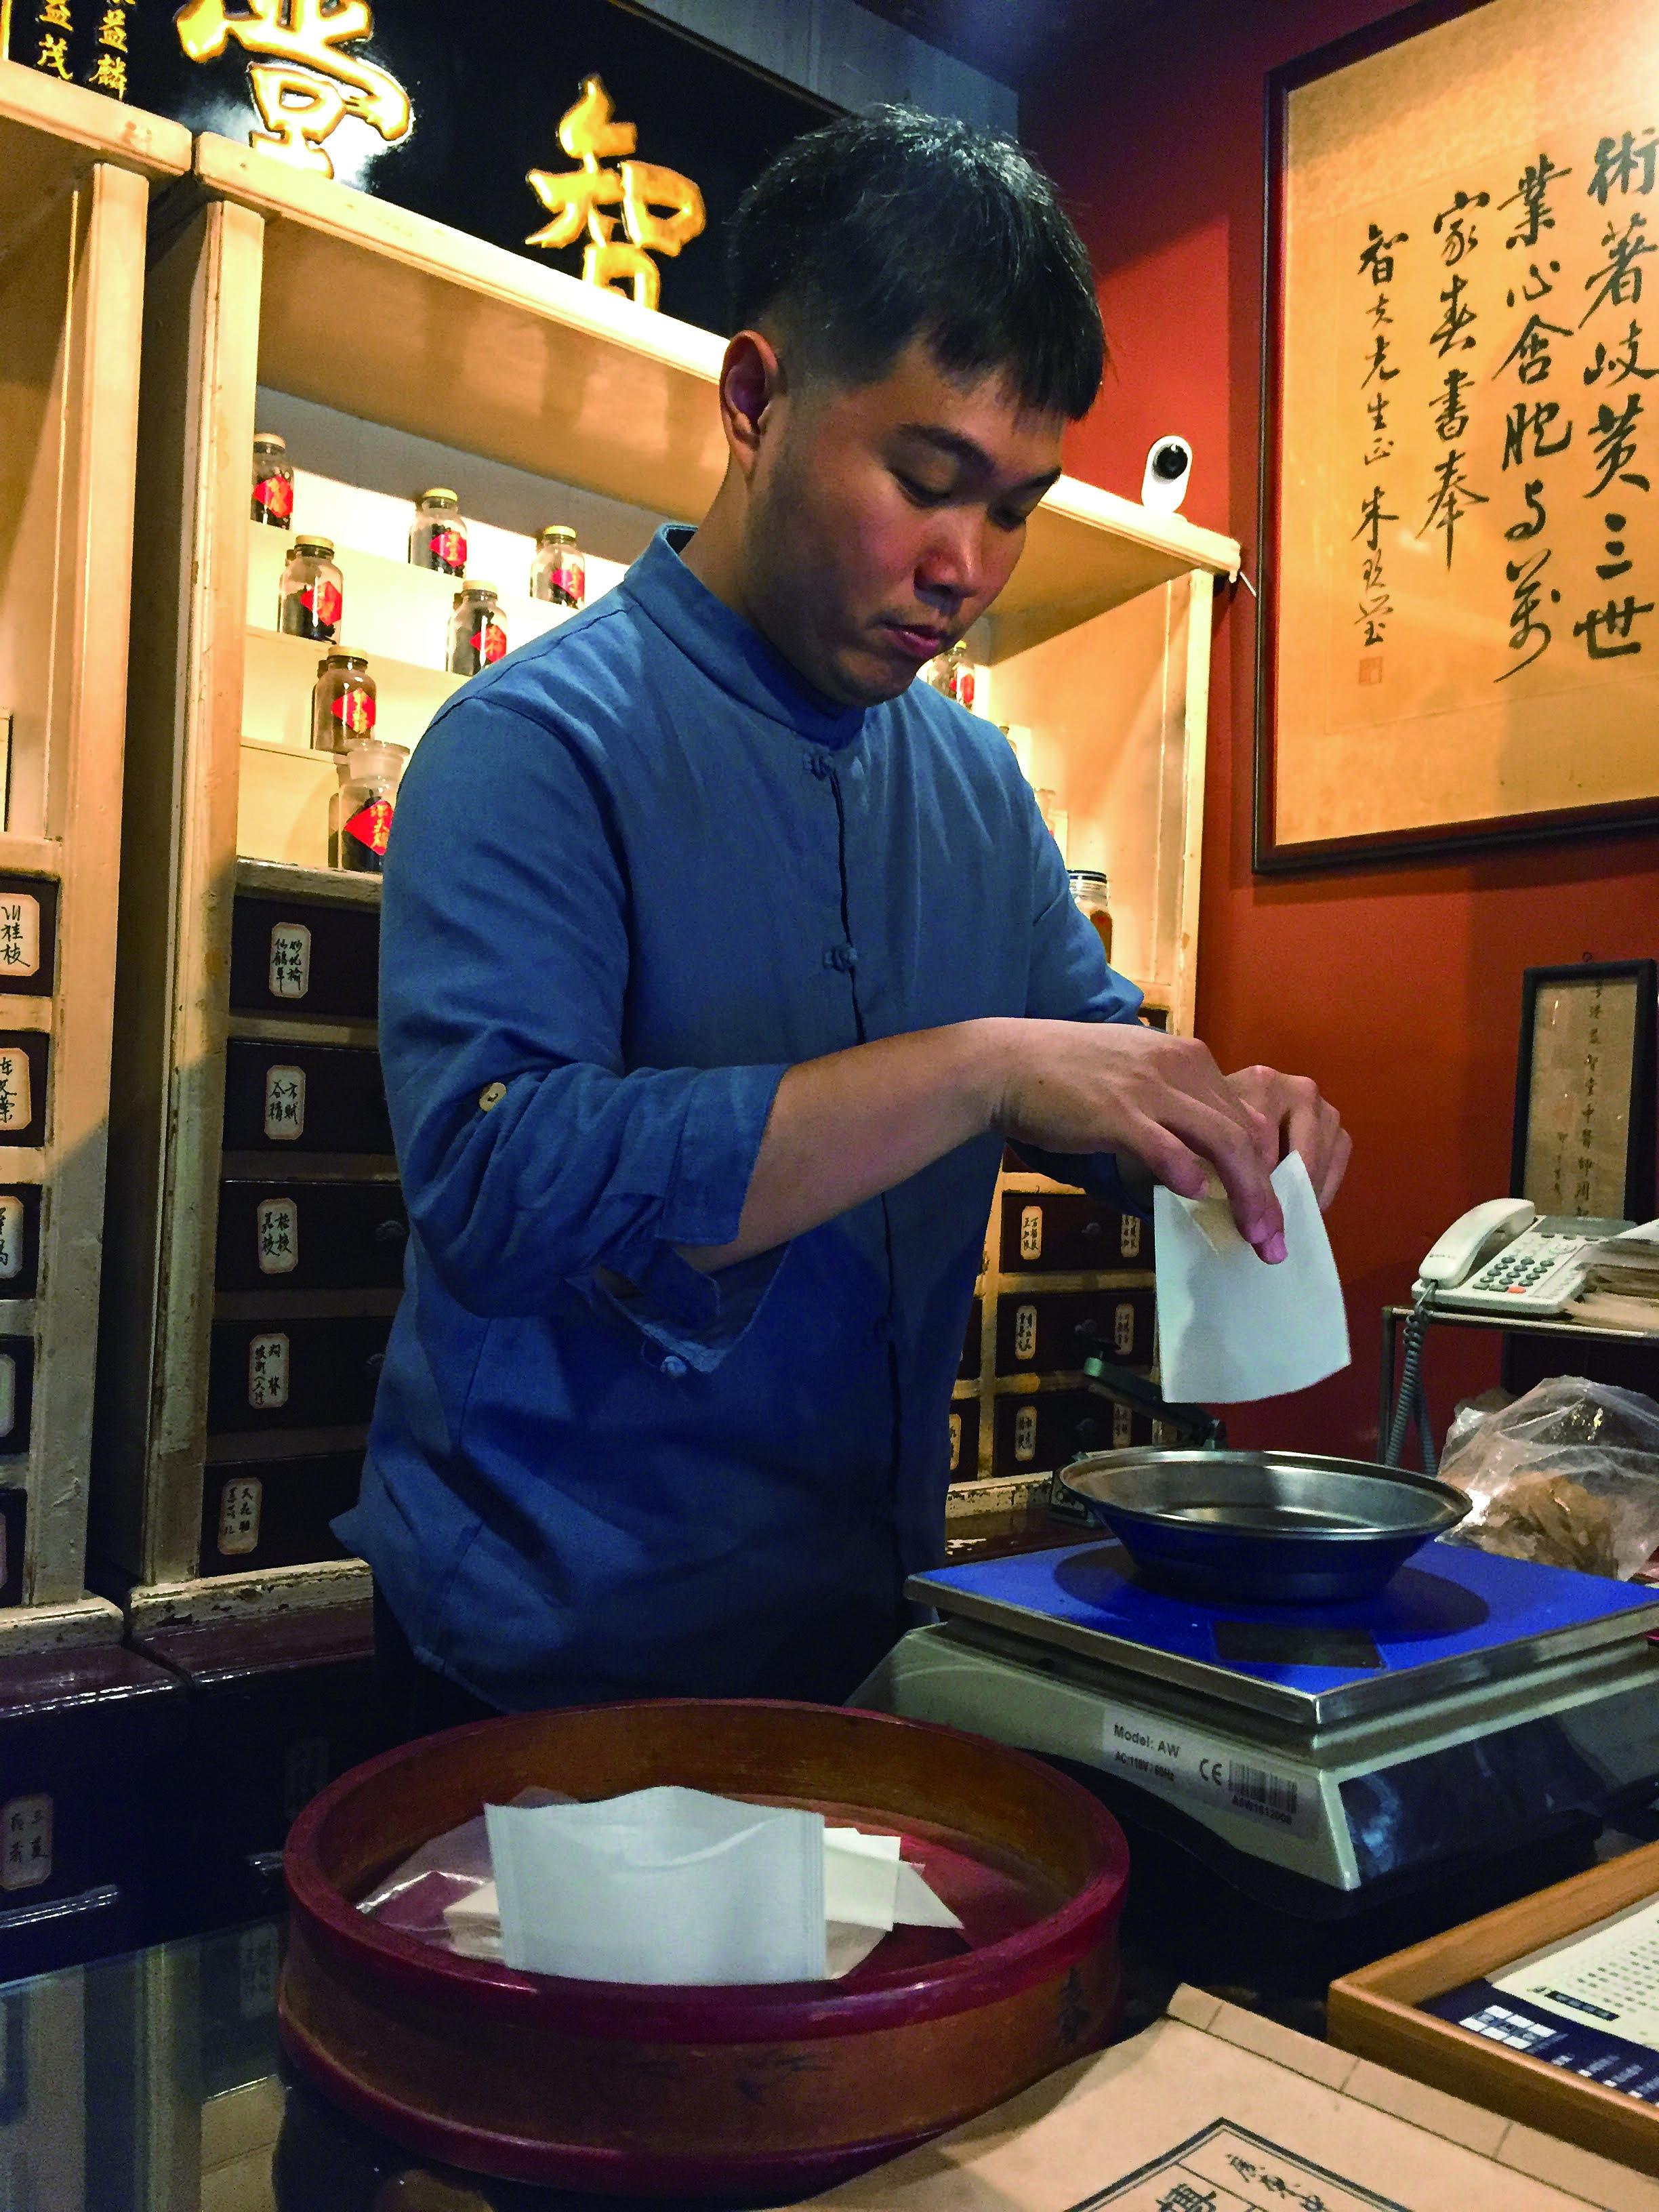 圖2為了讓更多人親近中藥,博仁堂提供許多耗時費工的服務,例如製作茶包、宅配藥膳。.jpg